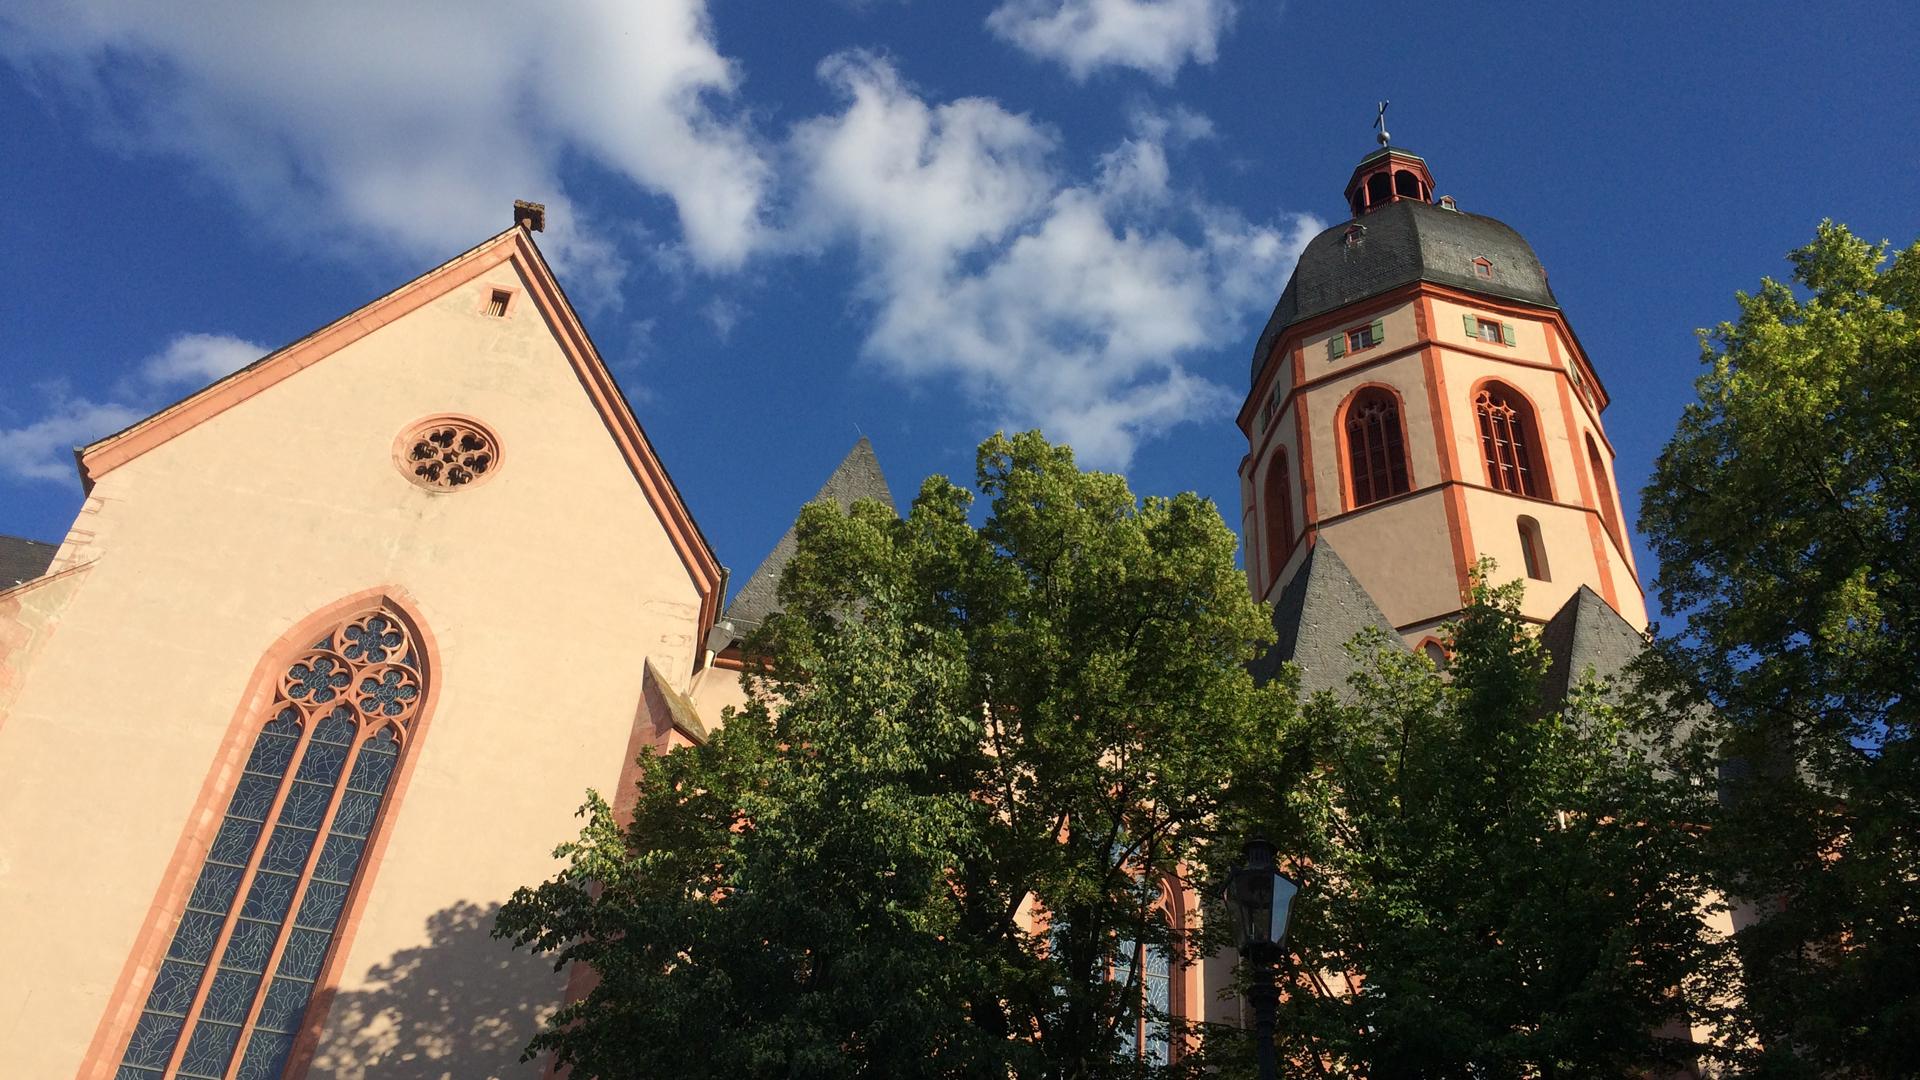 Ort des Geschehens in Mainz: Die Pfarrkirche St. Stephan